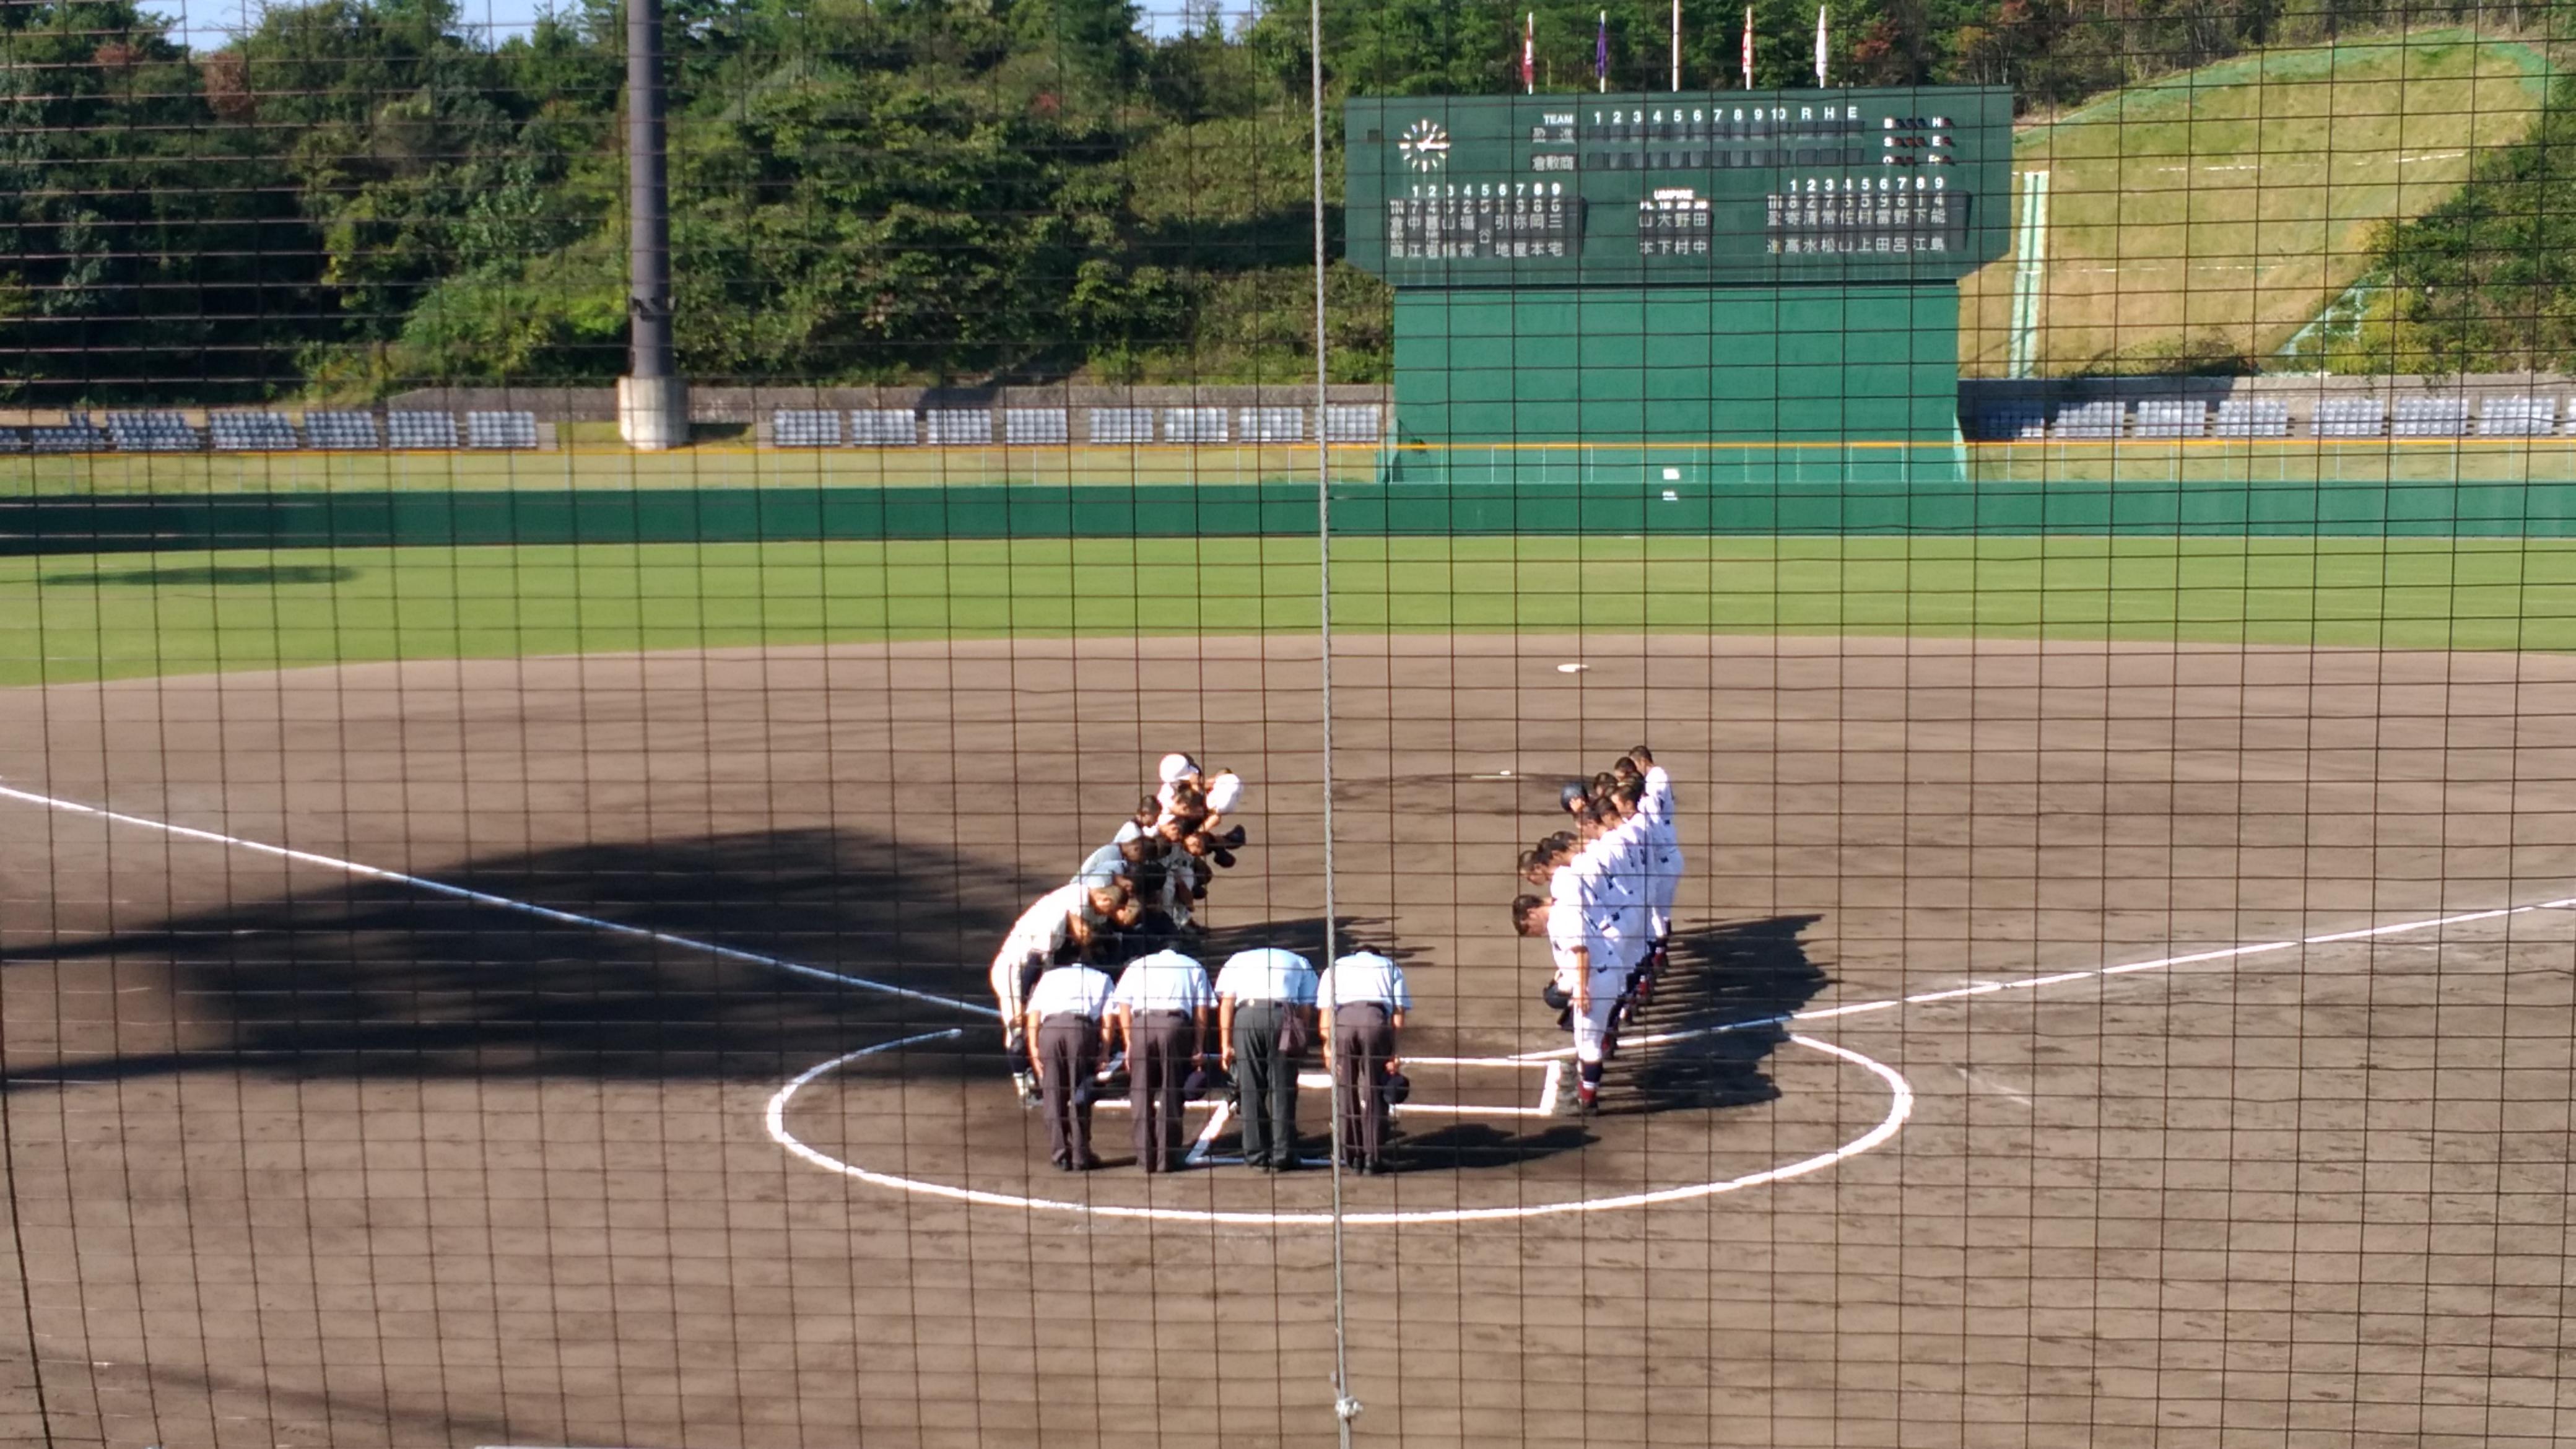 接戦続きで手に汗握りました! 10月27日「秋季中国地区」高校野球大会1回戦を【しまなみ球場】に観に行きました!